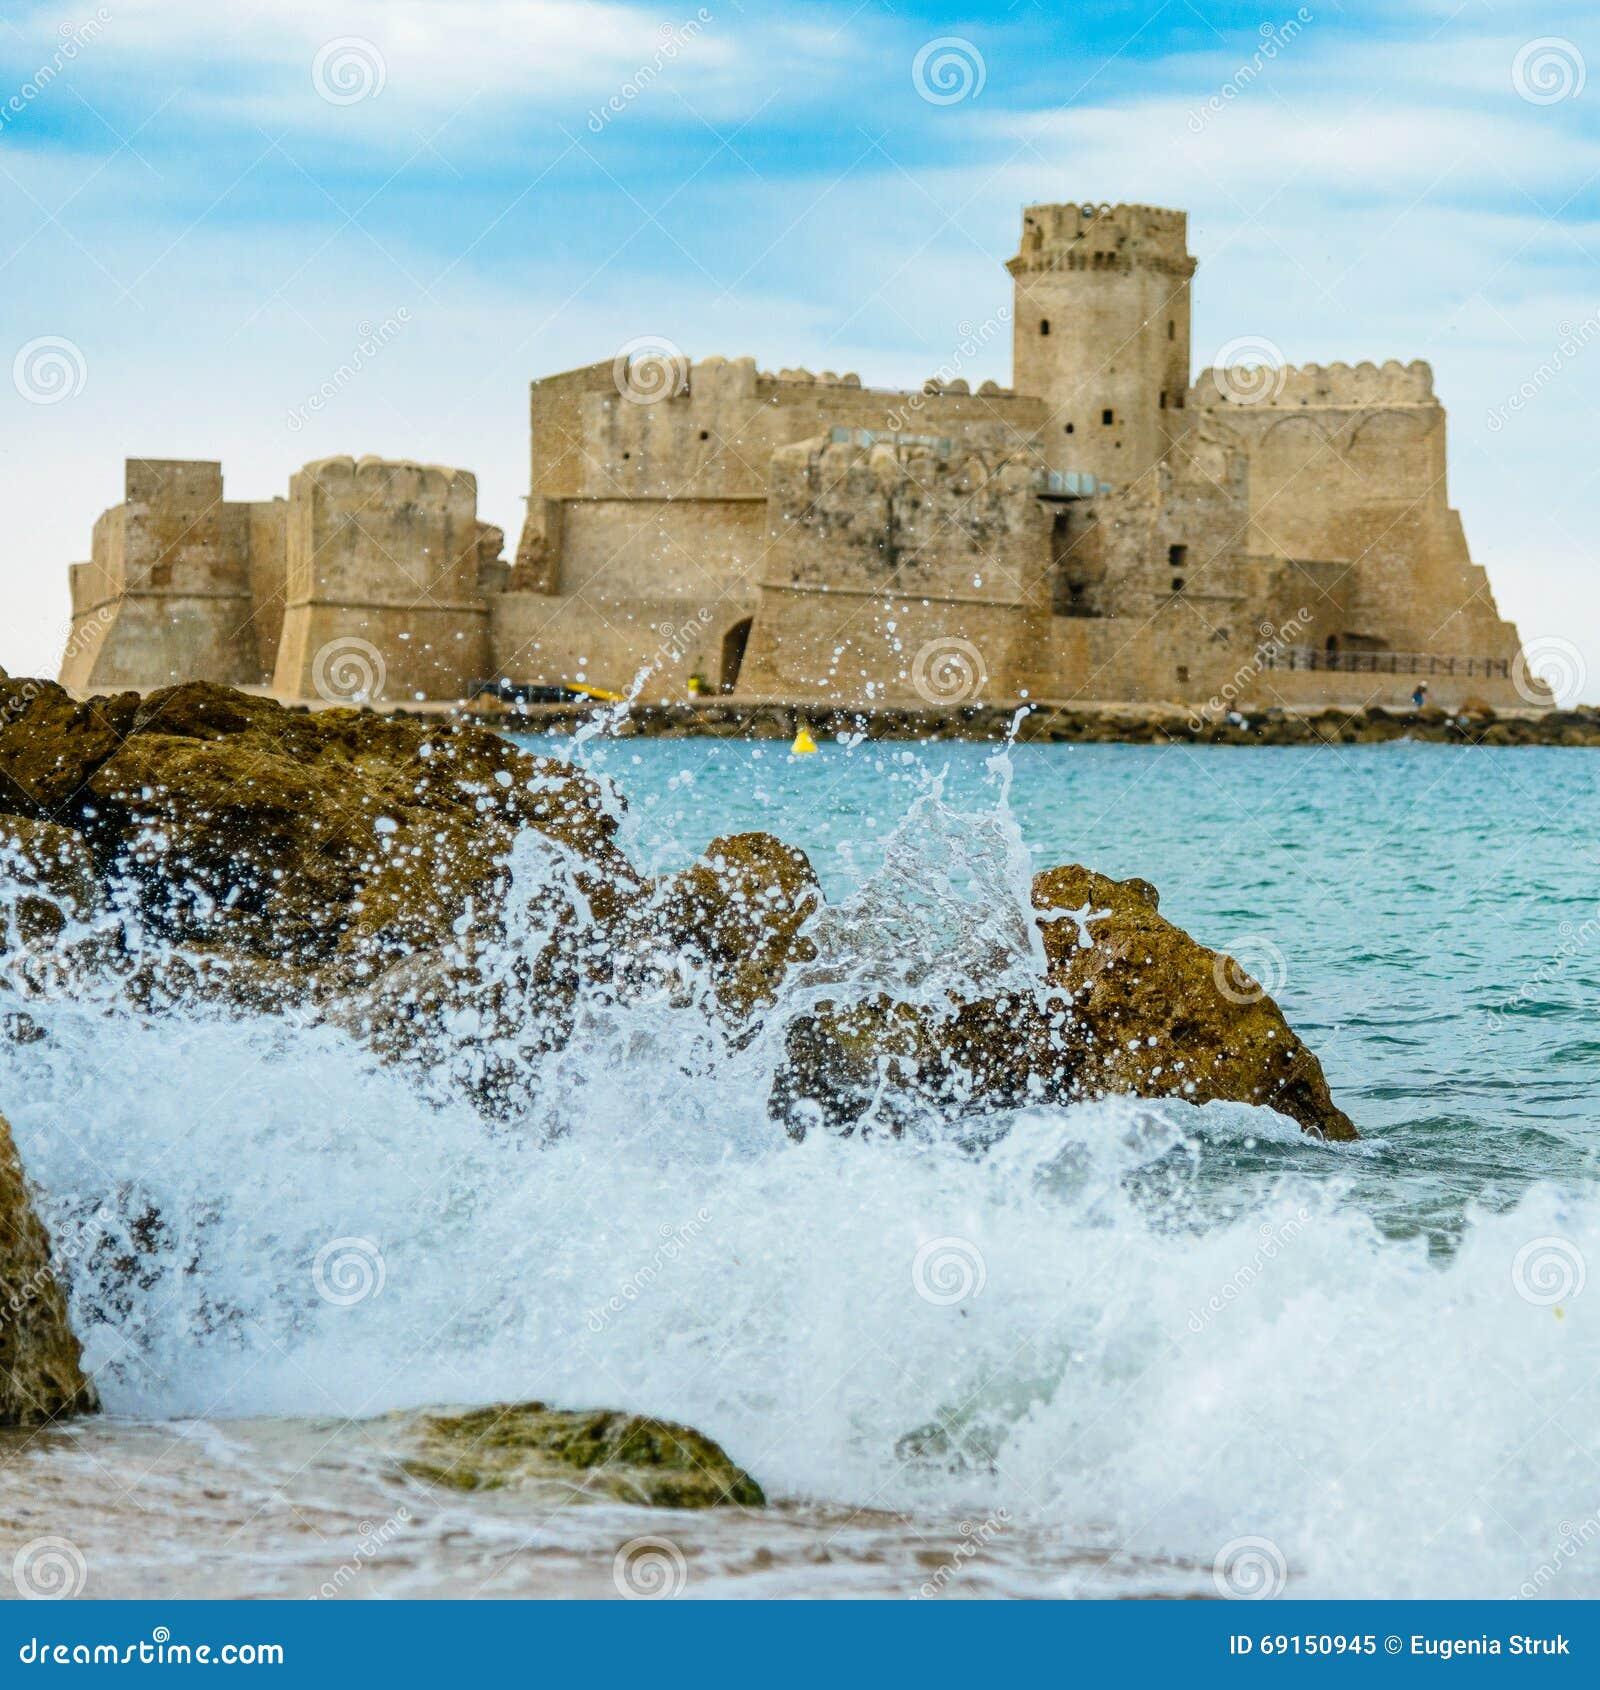 Isola di Capo Rizzuto, la province de Crotone, Calabre, Italie